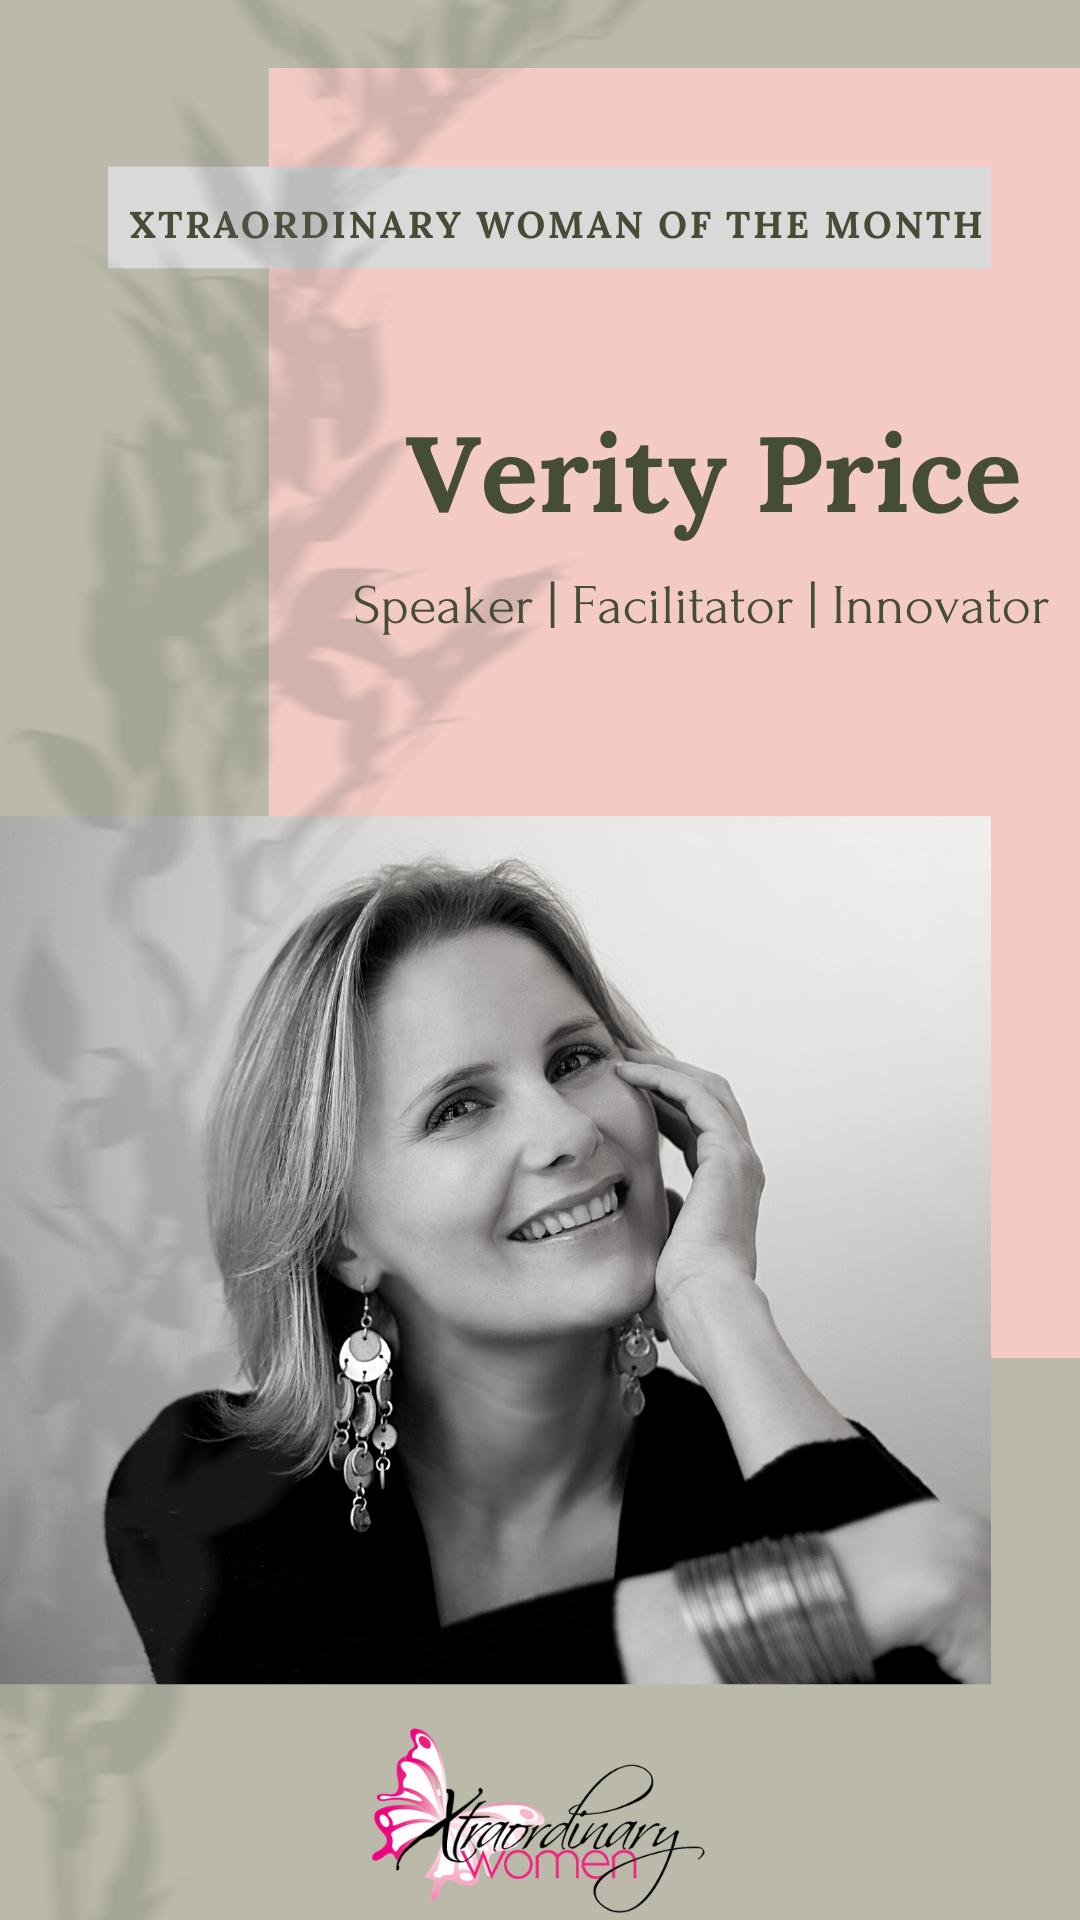 Verity Price